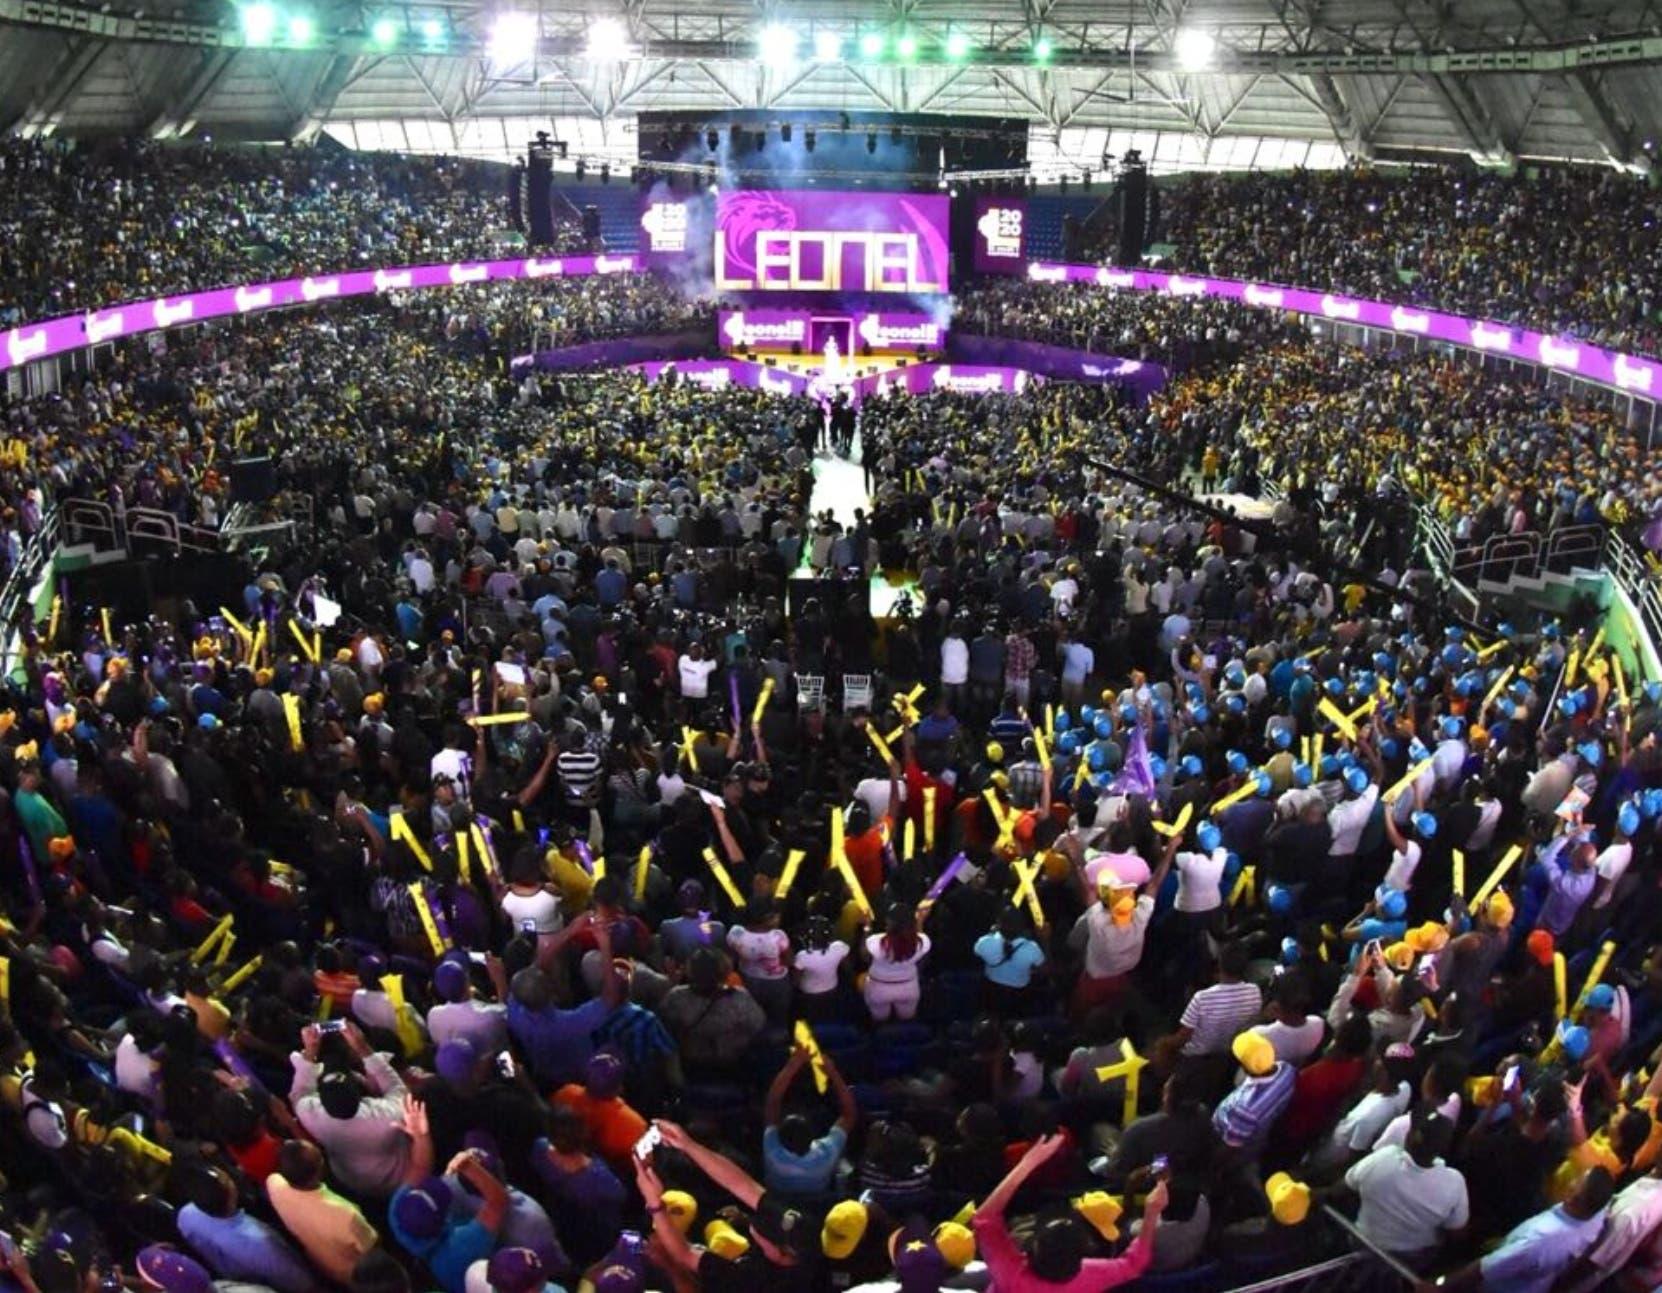 El Palacio de los Deportes fue abarrotado ayer de seguidores del expresidente Leonel Fernández.  josé de león